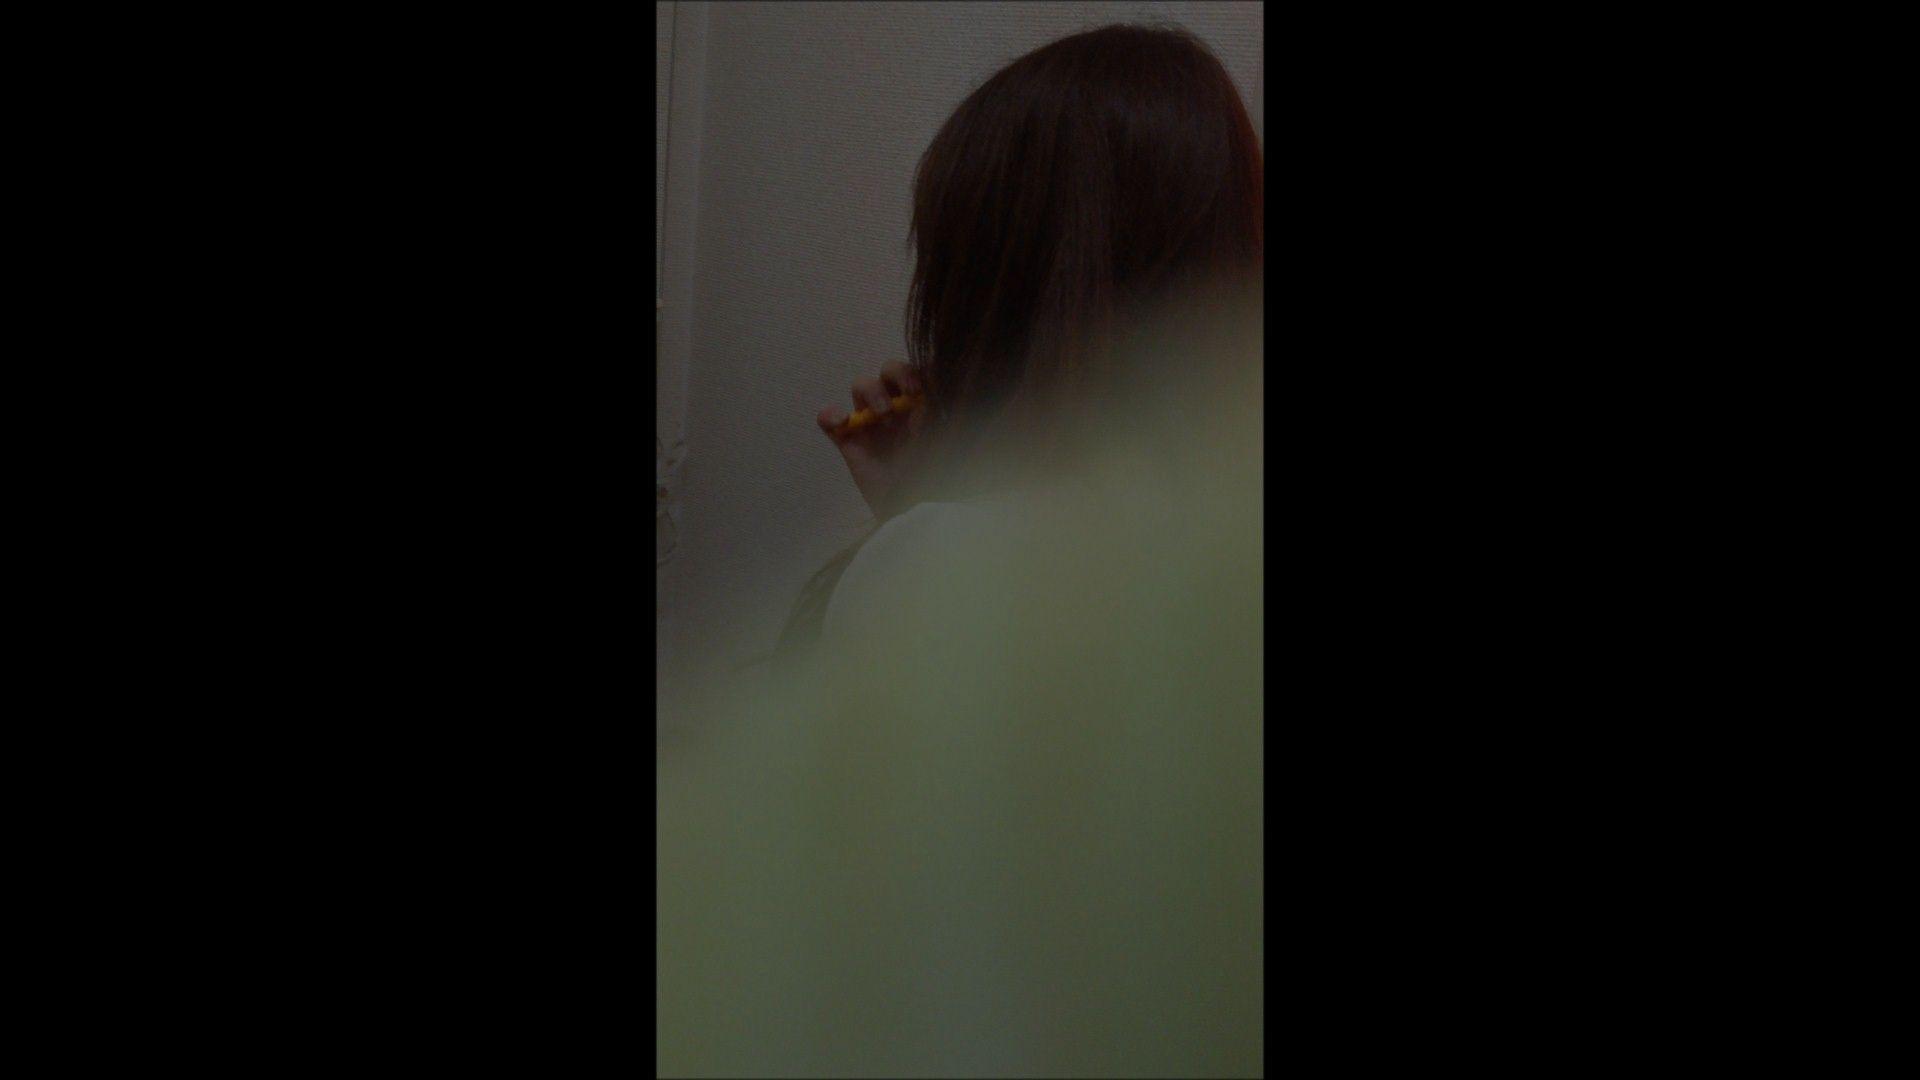 08(8日目)メイク中の彼女の顔を撮りました! マンコ特集 | オマンコ丸見え  59連発 58